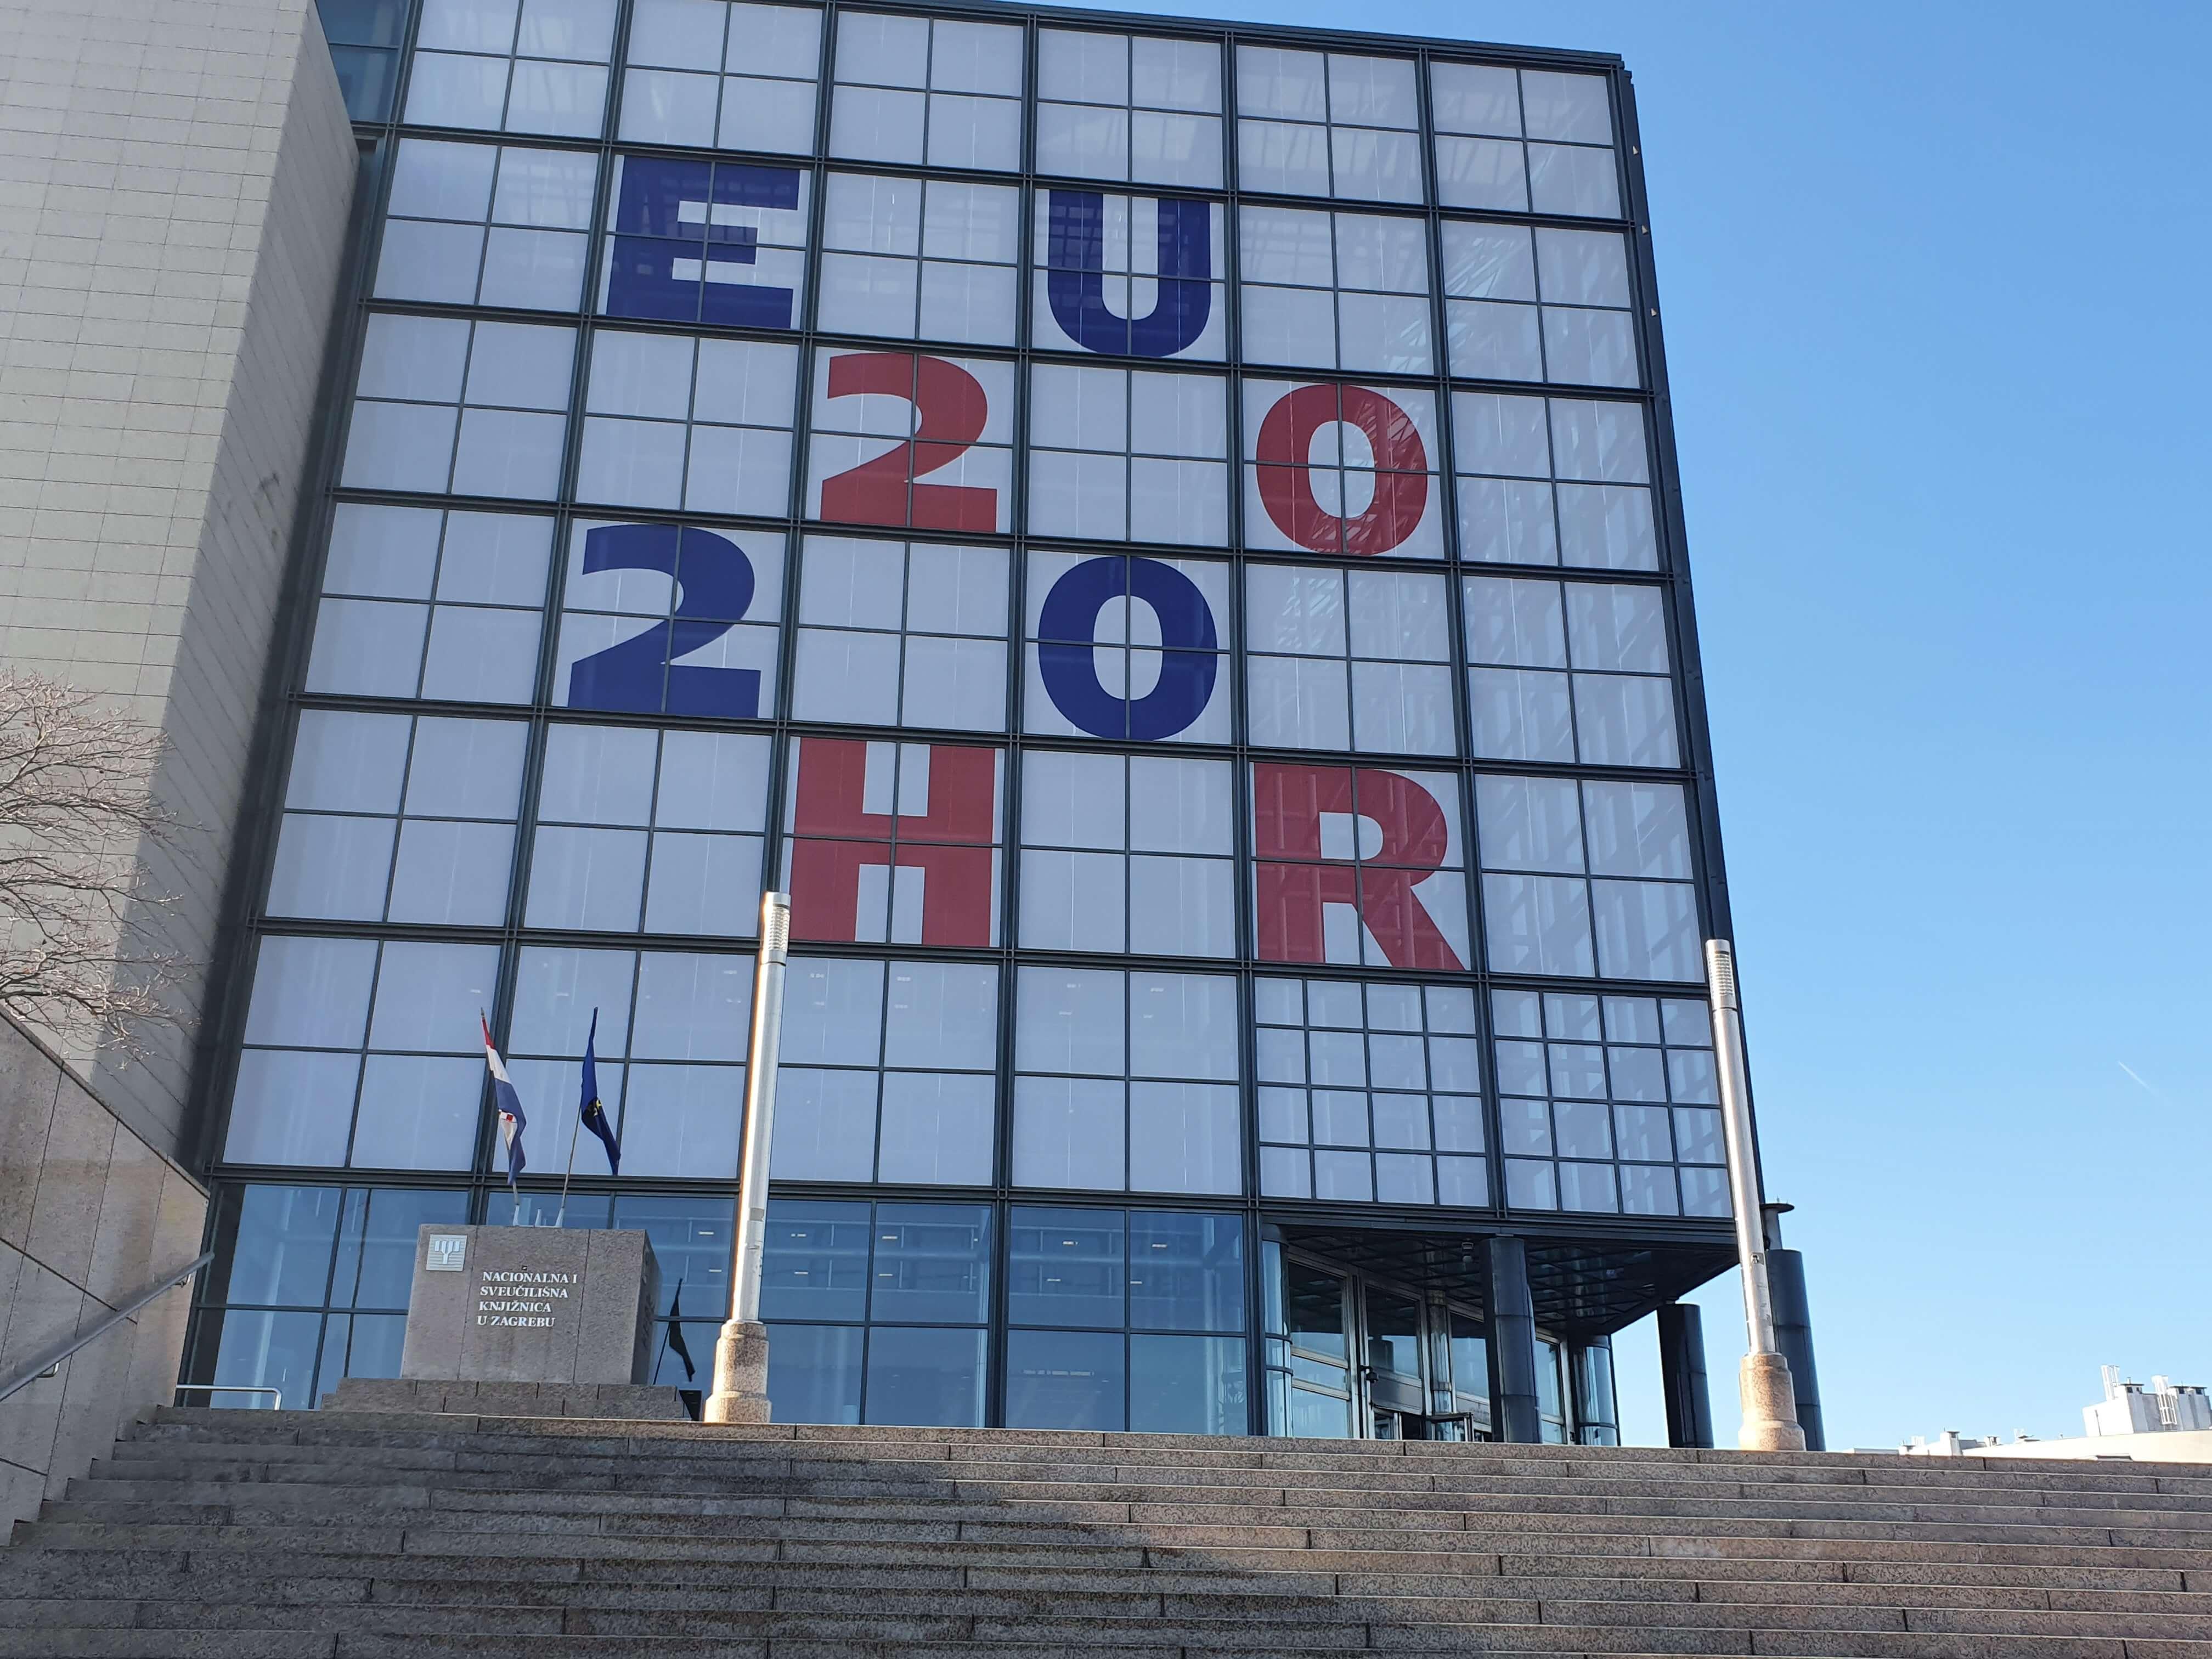 Znate da nećete uvijek moći u NSK, ali znate li što zapravo znači hrvatsko predsjedanje Vijećem EU?